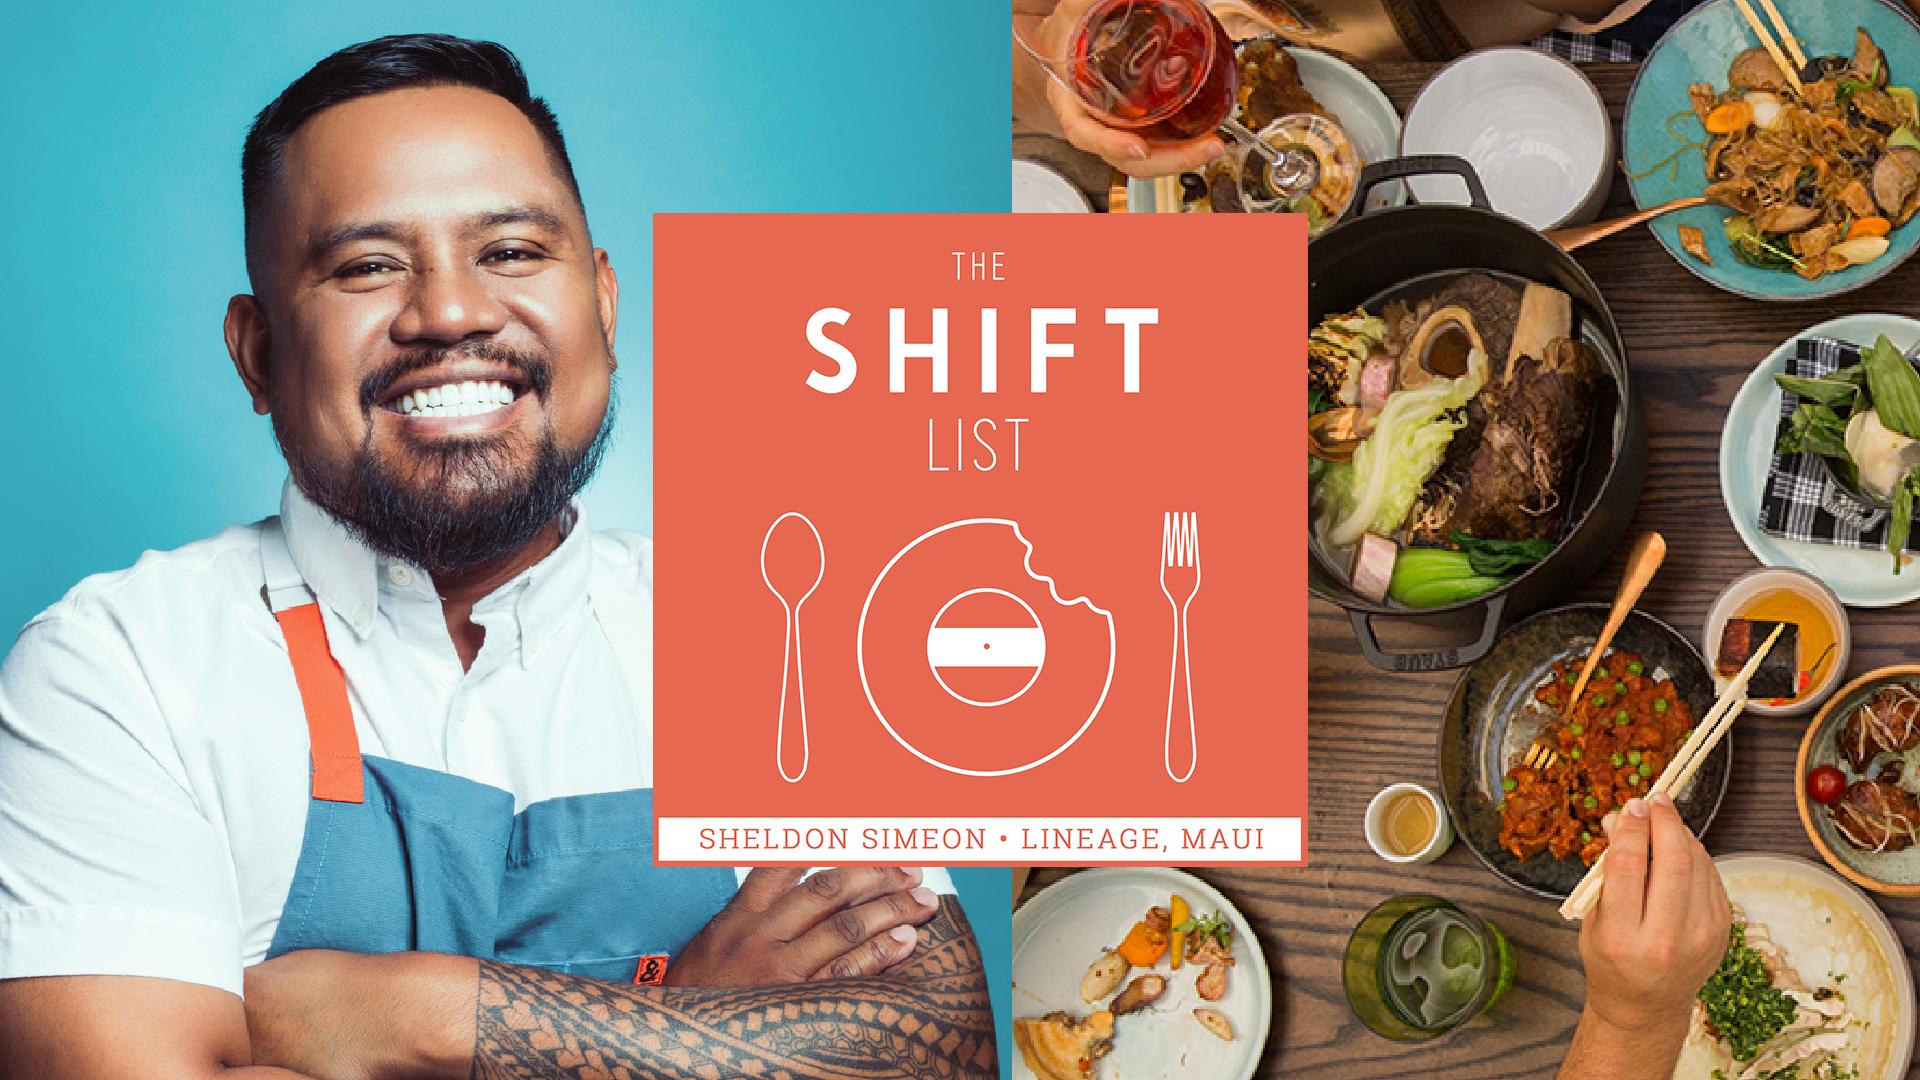 The Shift List - Chef Sheldon Simeon (Lineage Maui, Tin Roof) - Maui, Hawaii